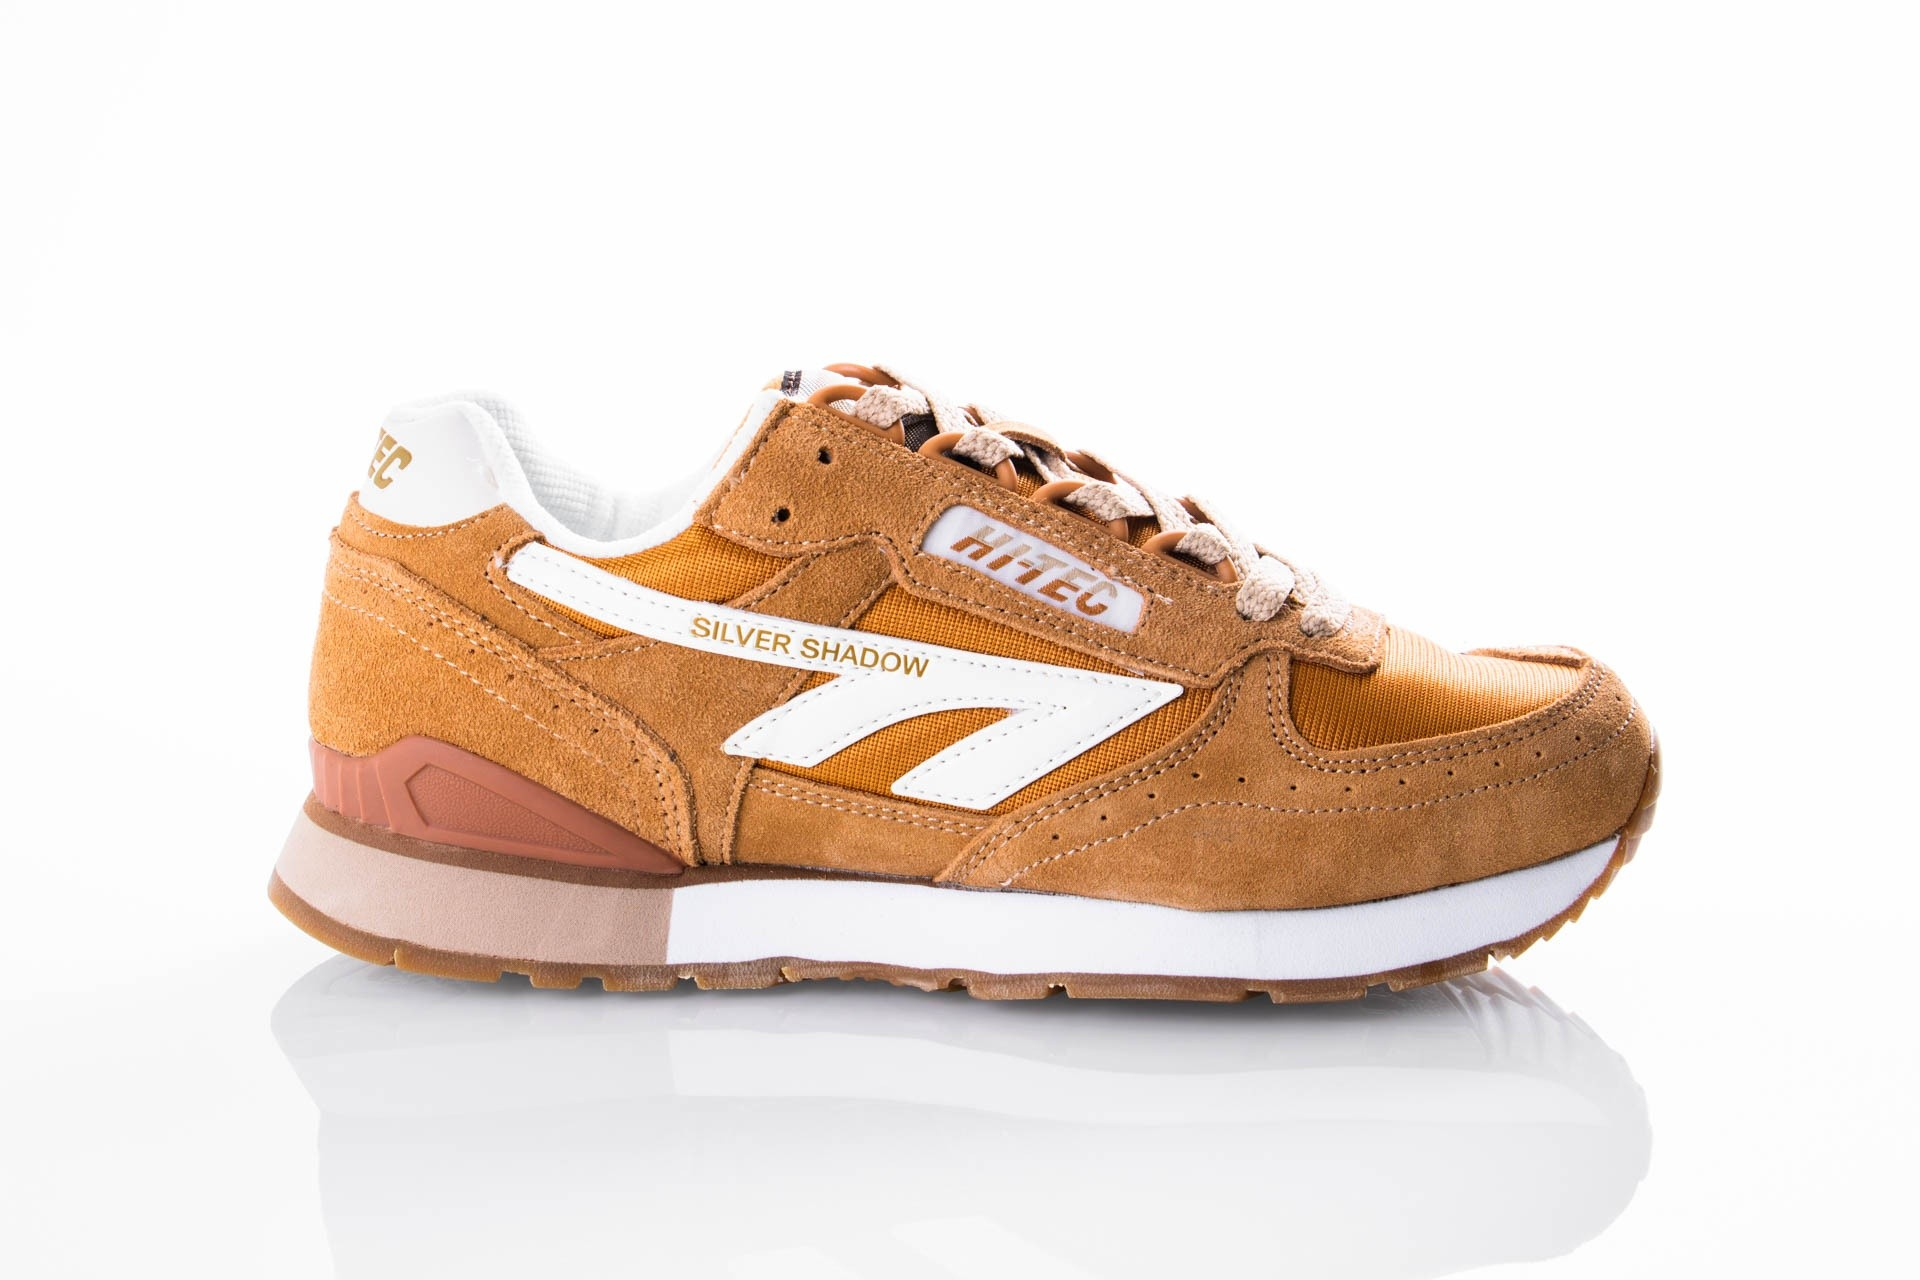 Afbeelding van Hi-Tec SILVER SHADOW O006911 / 041 Sneakers Wood/White/Oxford/Tan